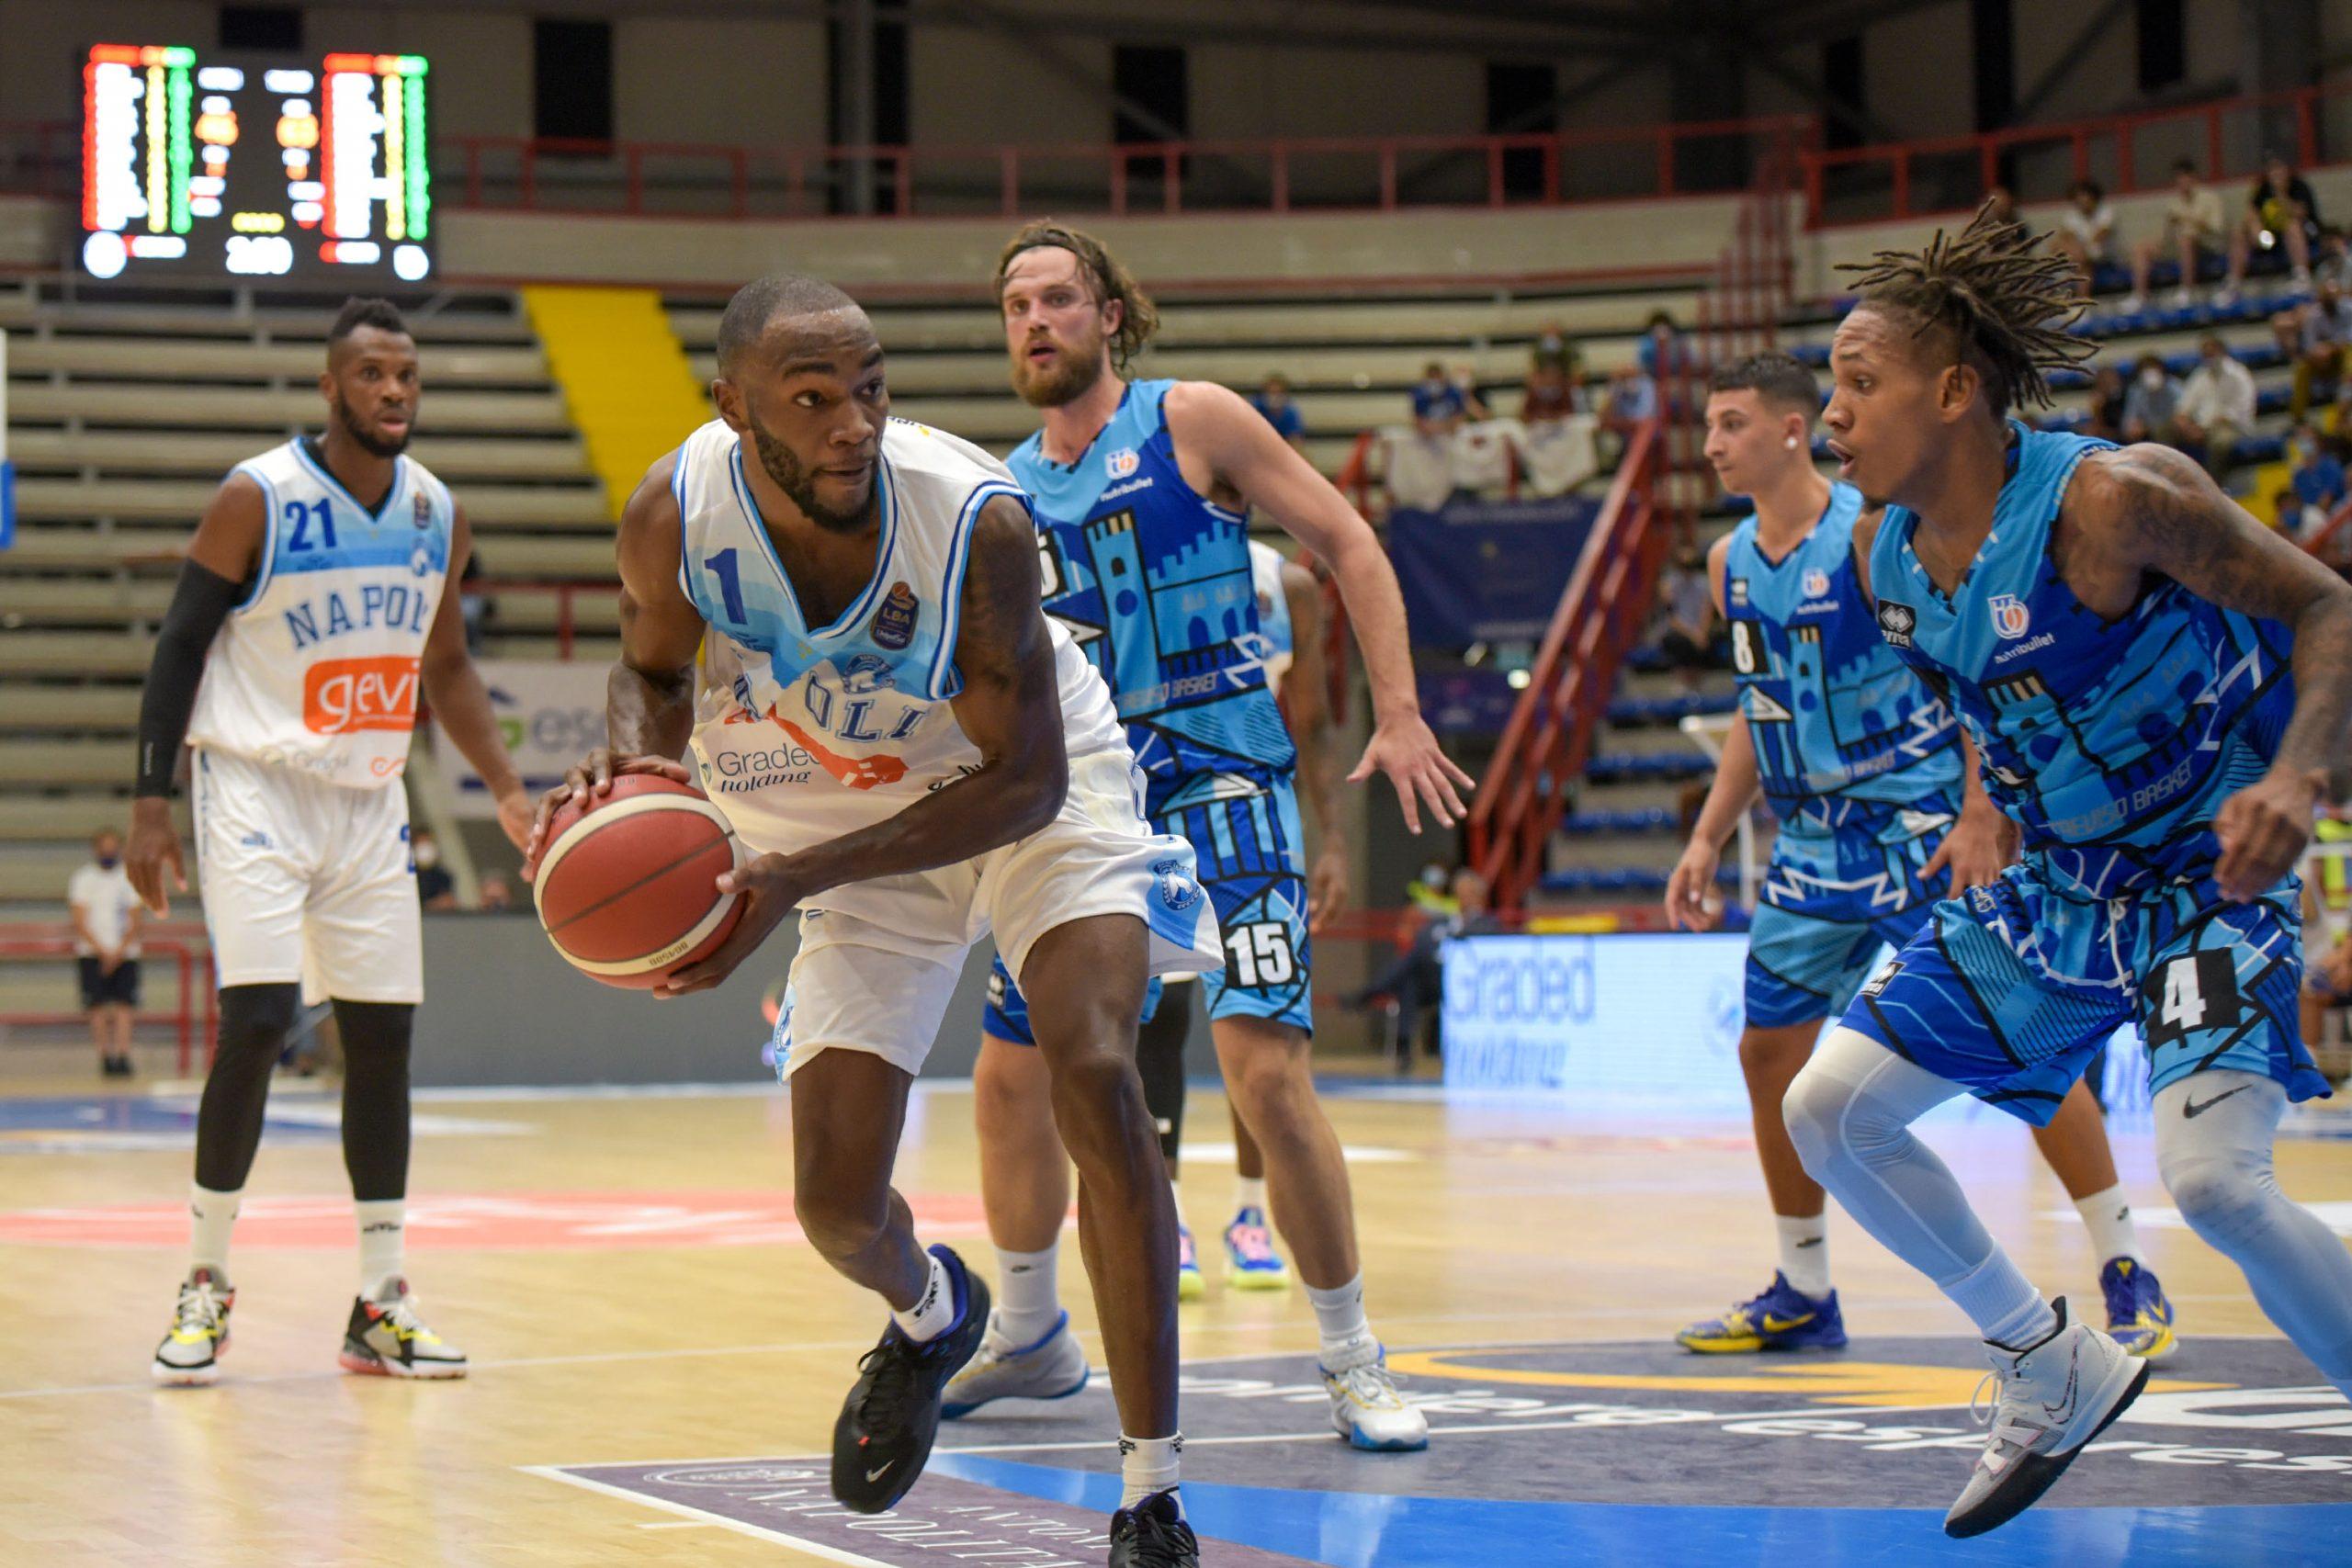 La GeVi dura tre quarti, Treviso strappa nel momento decisivo (81-74)